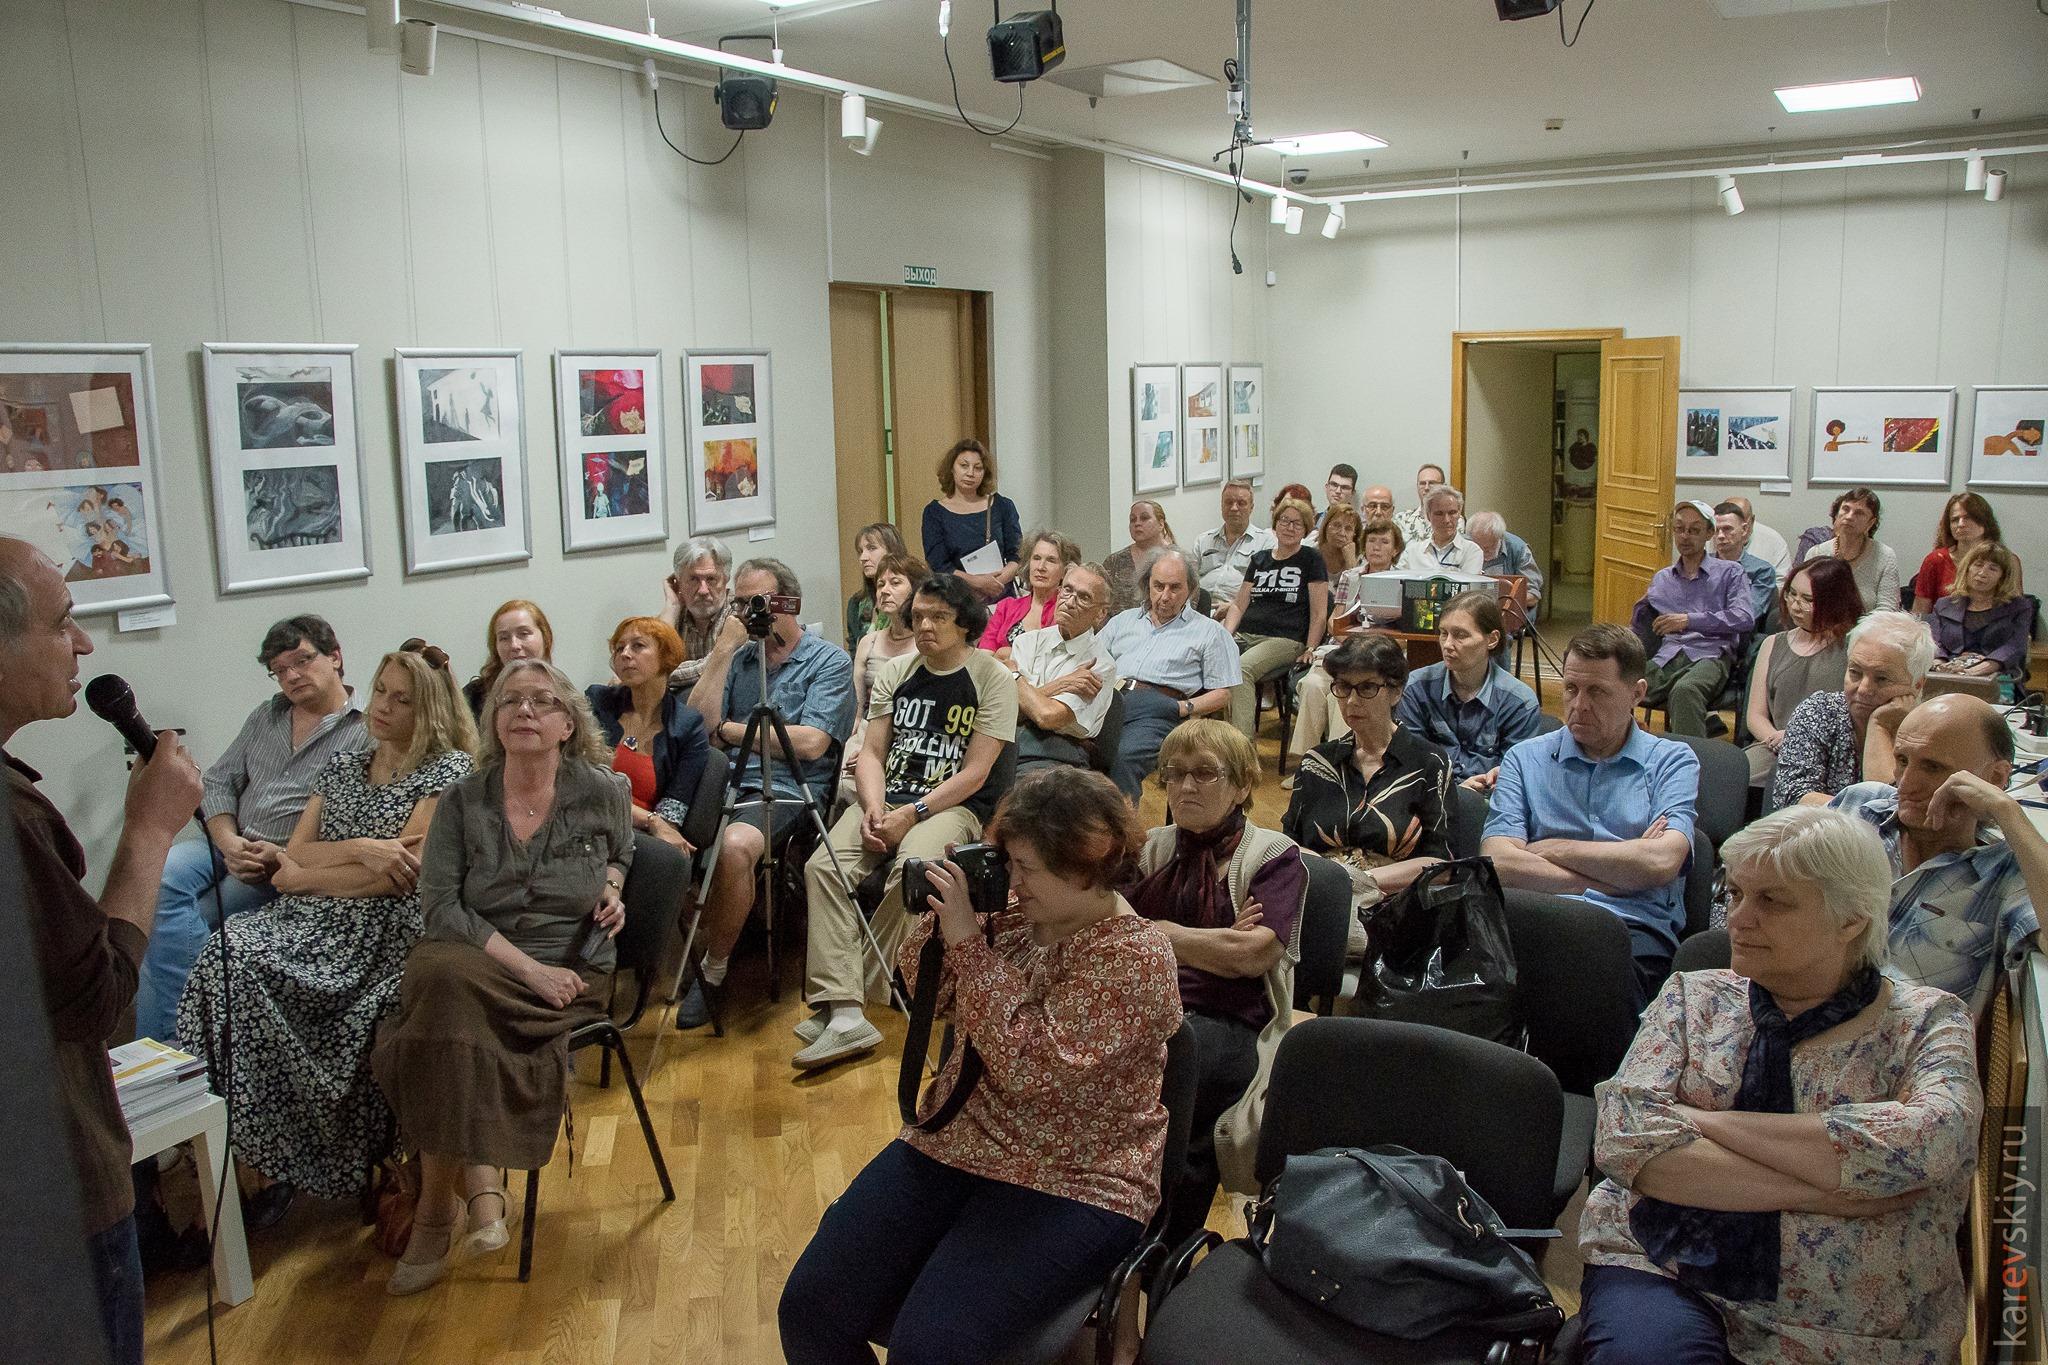 Вечер памяти Инны Лиснянской и презентация журнала в библиотеке им. Чехова, Москва, июнь 2018